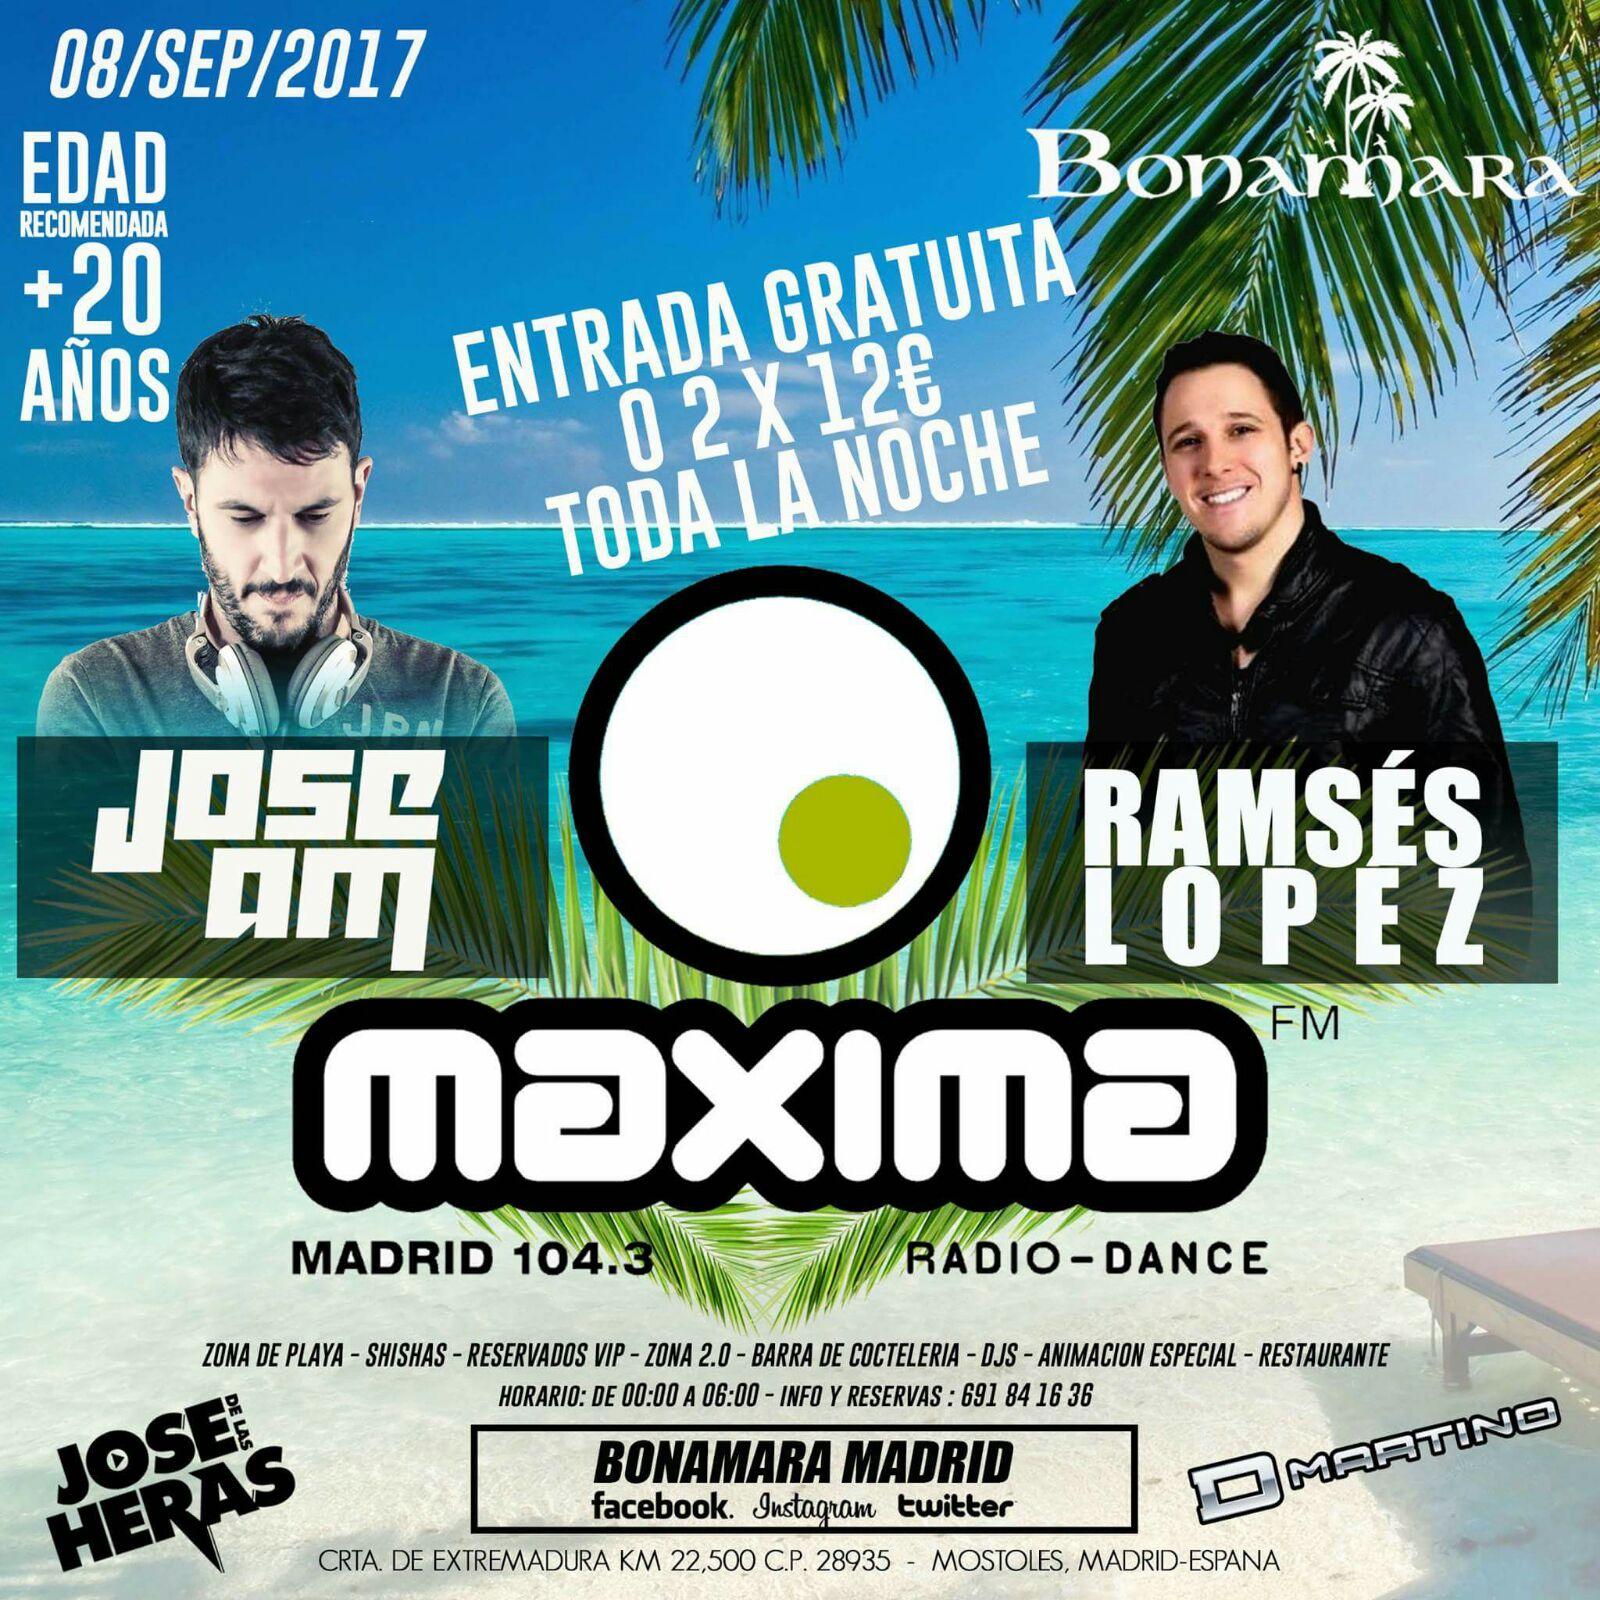 El viernes... ¡Fiesta de MaximaFM gratuita en Bonamara Madrid!